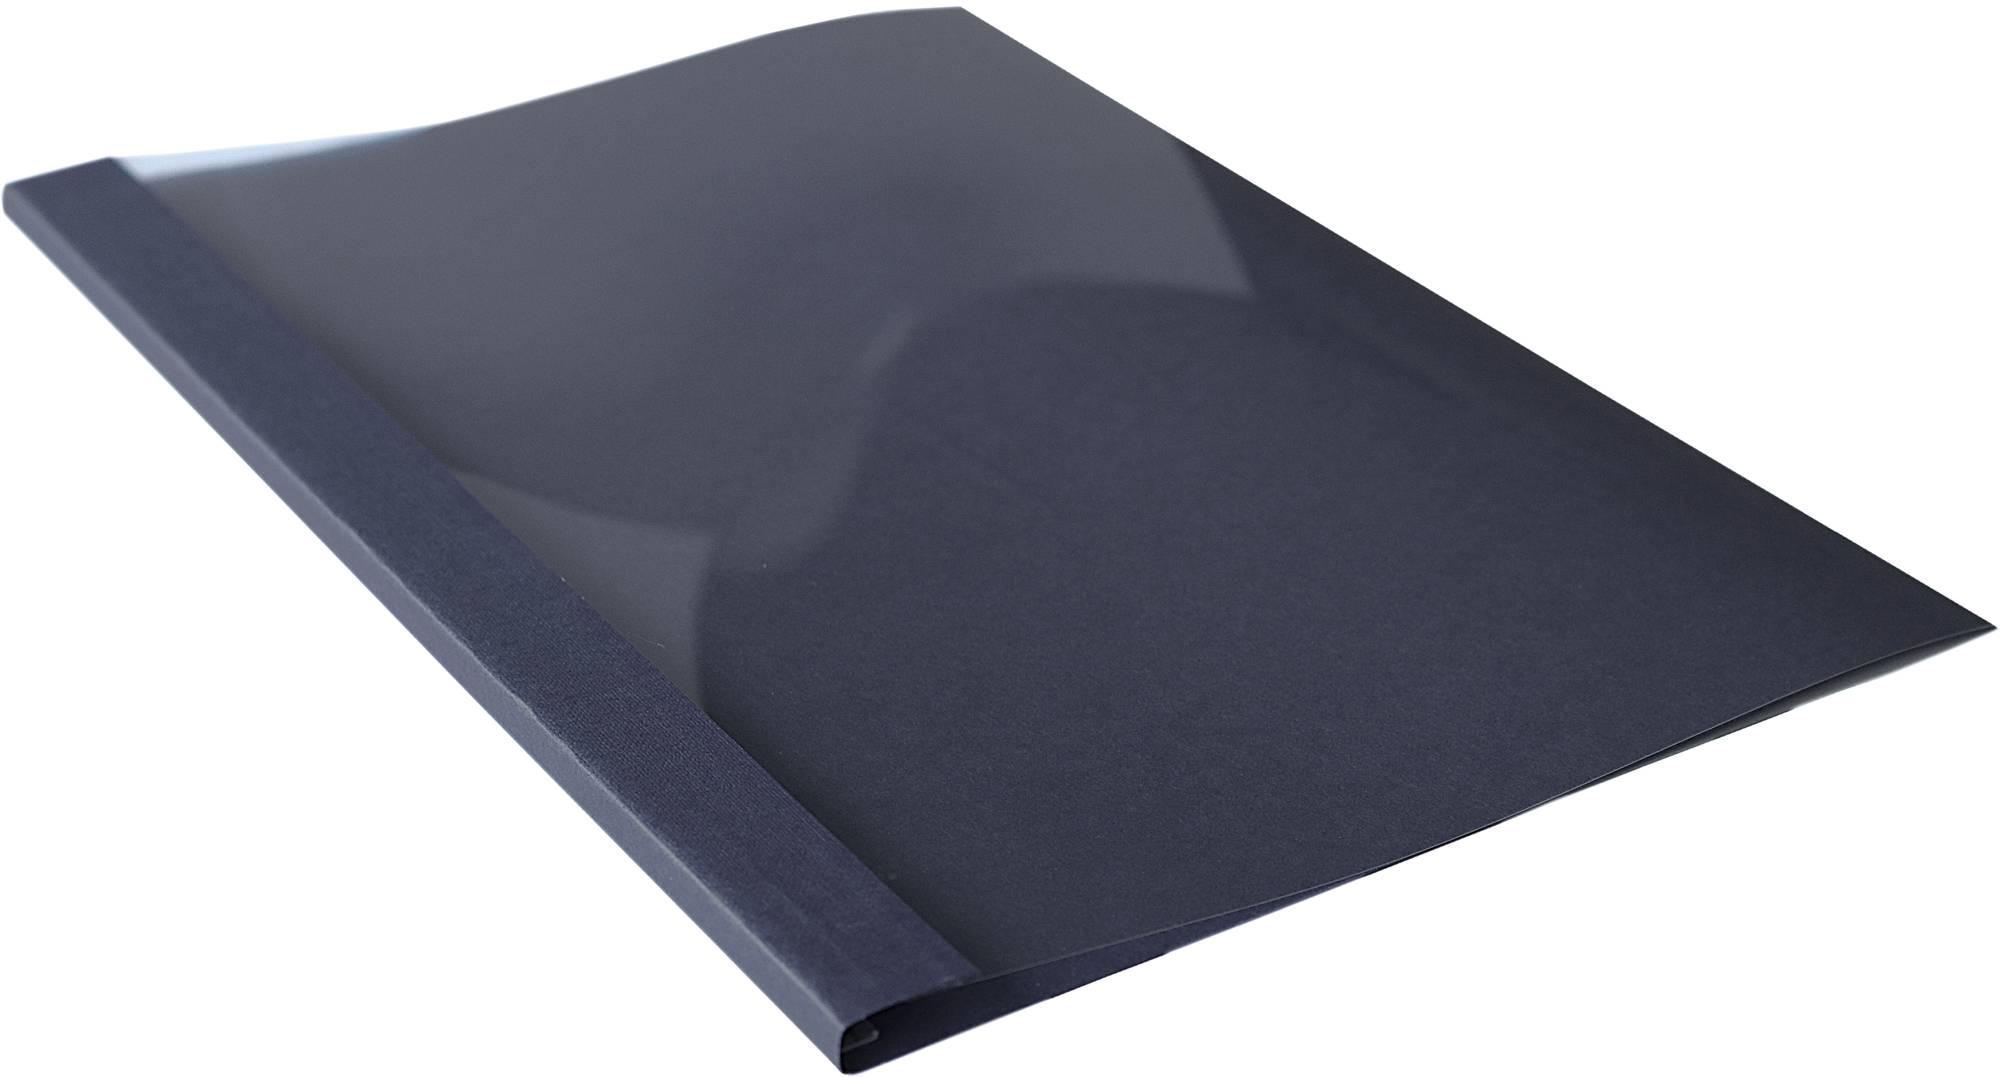 Buch-Bindemappe bis 35 Blatt mit transparenter Vorderseite in schwarz